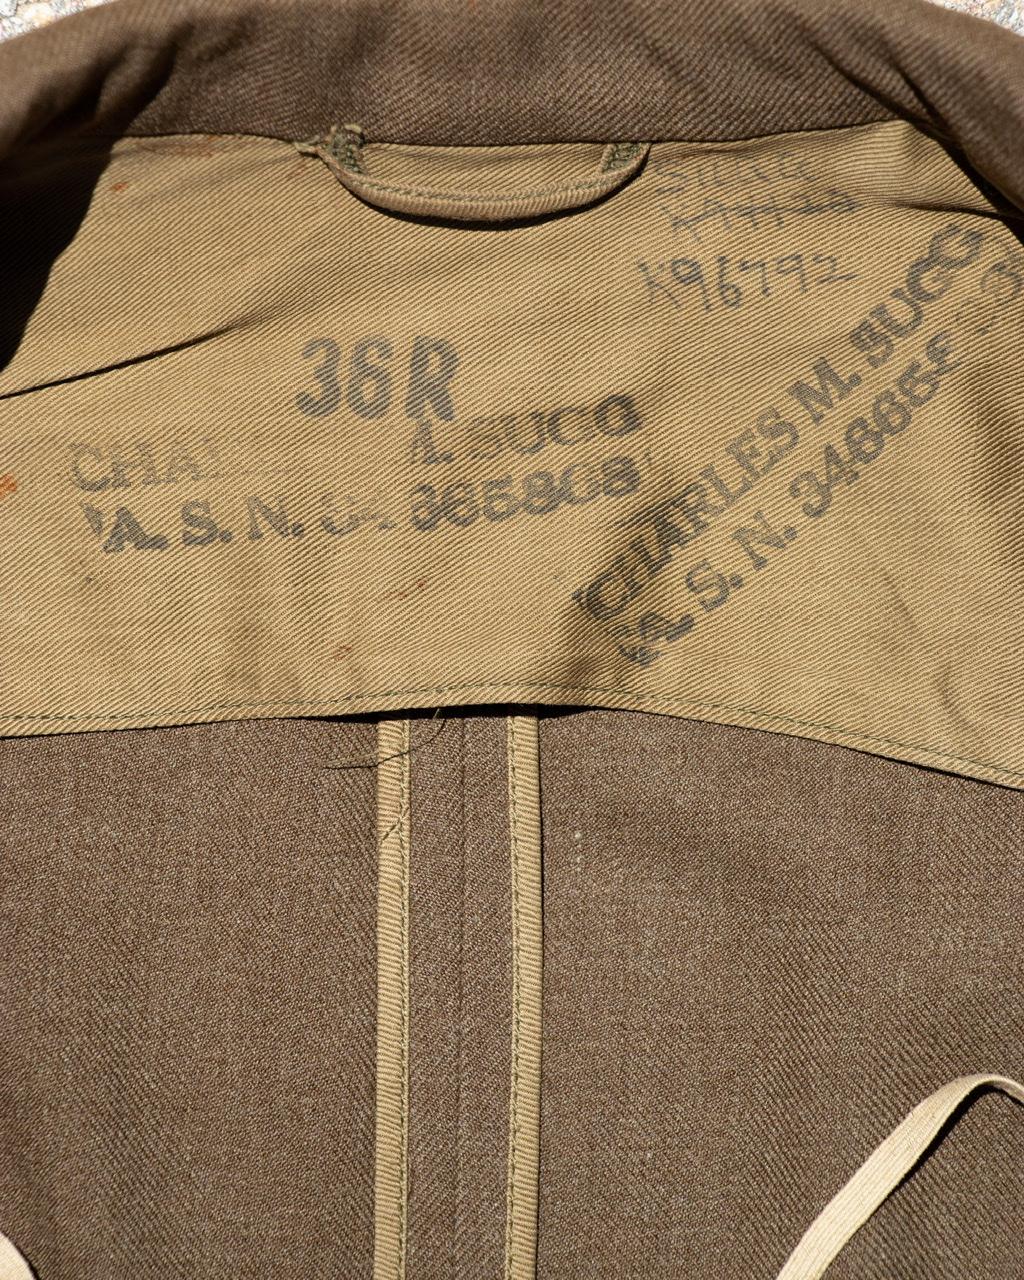 C04454FA-E122-40EC-A616-47A7AFB98B06.jpeg